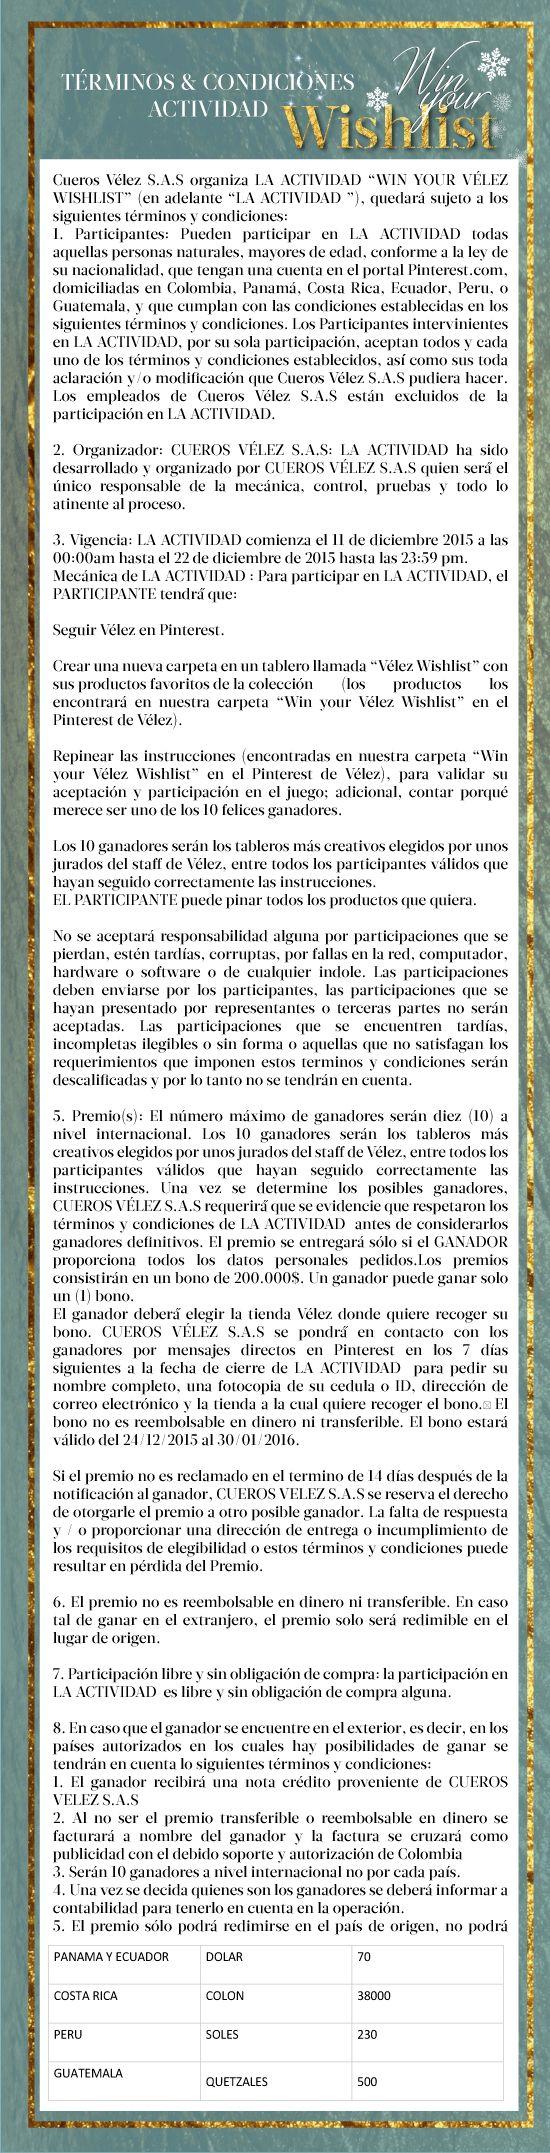 Vélez for Leather Lovers | Wishlist | Términos y condiciones